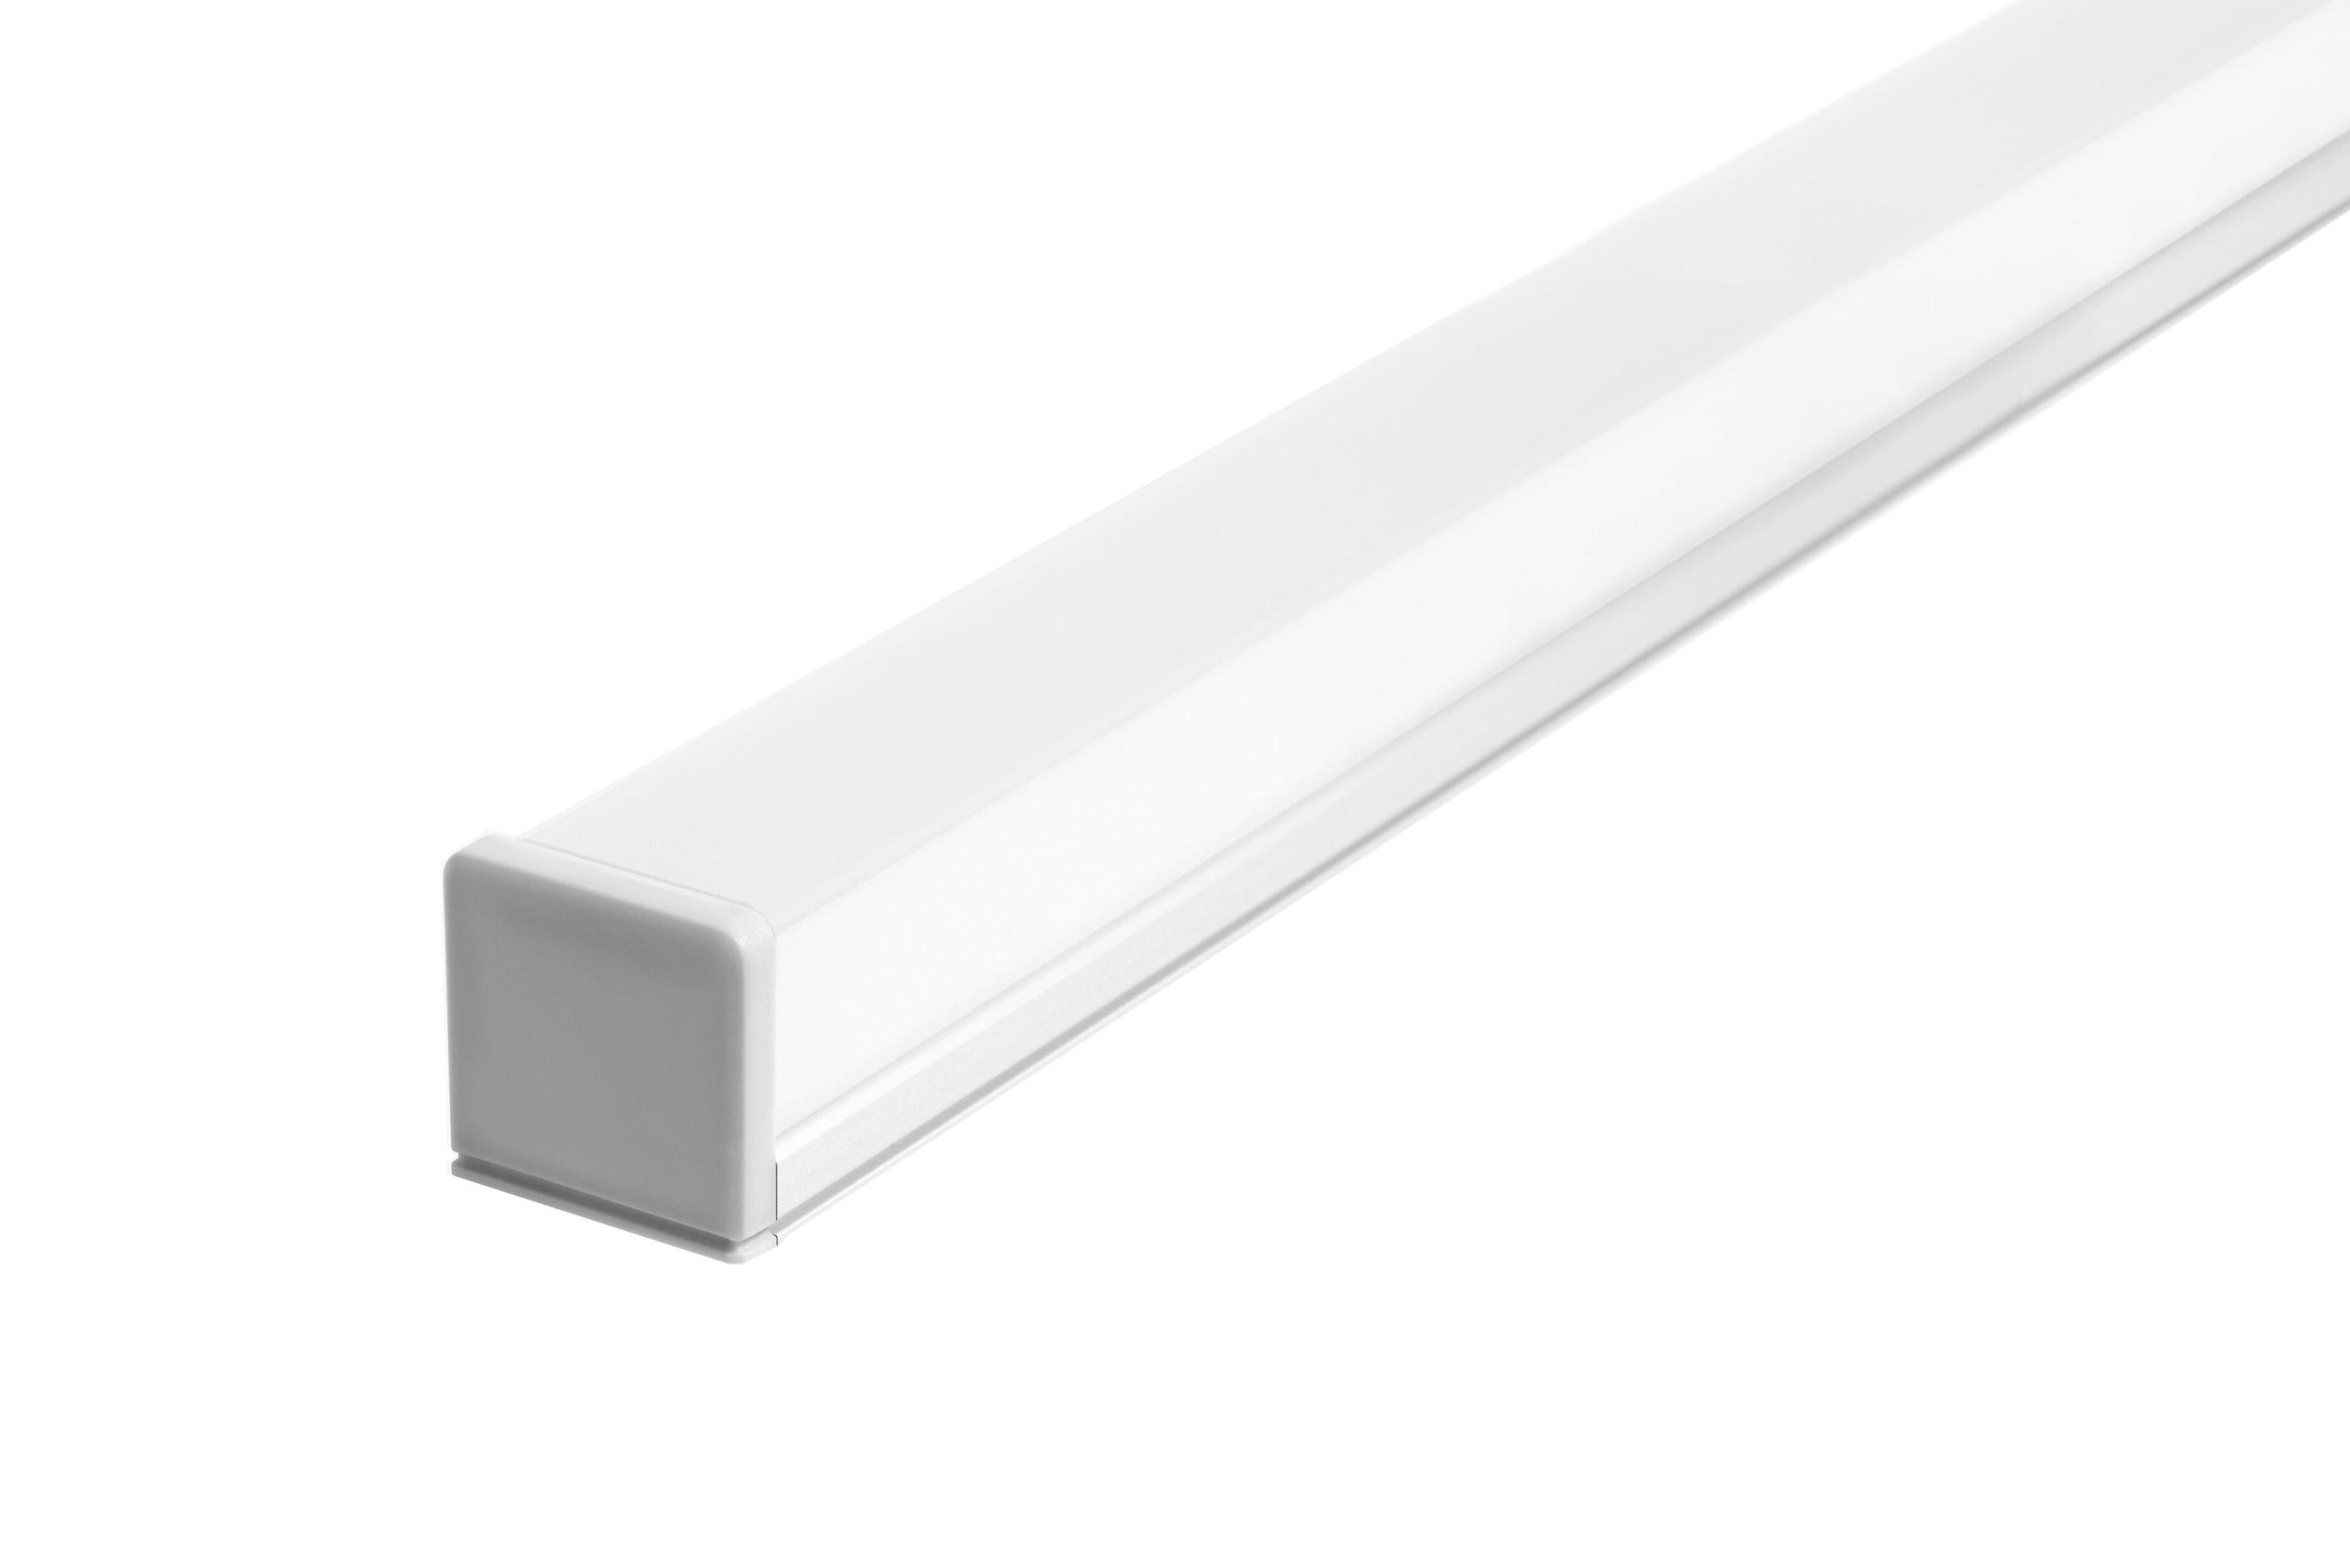 lightlline-grande-square-1-mj-lighting-v2